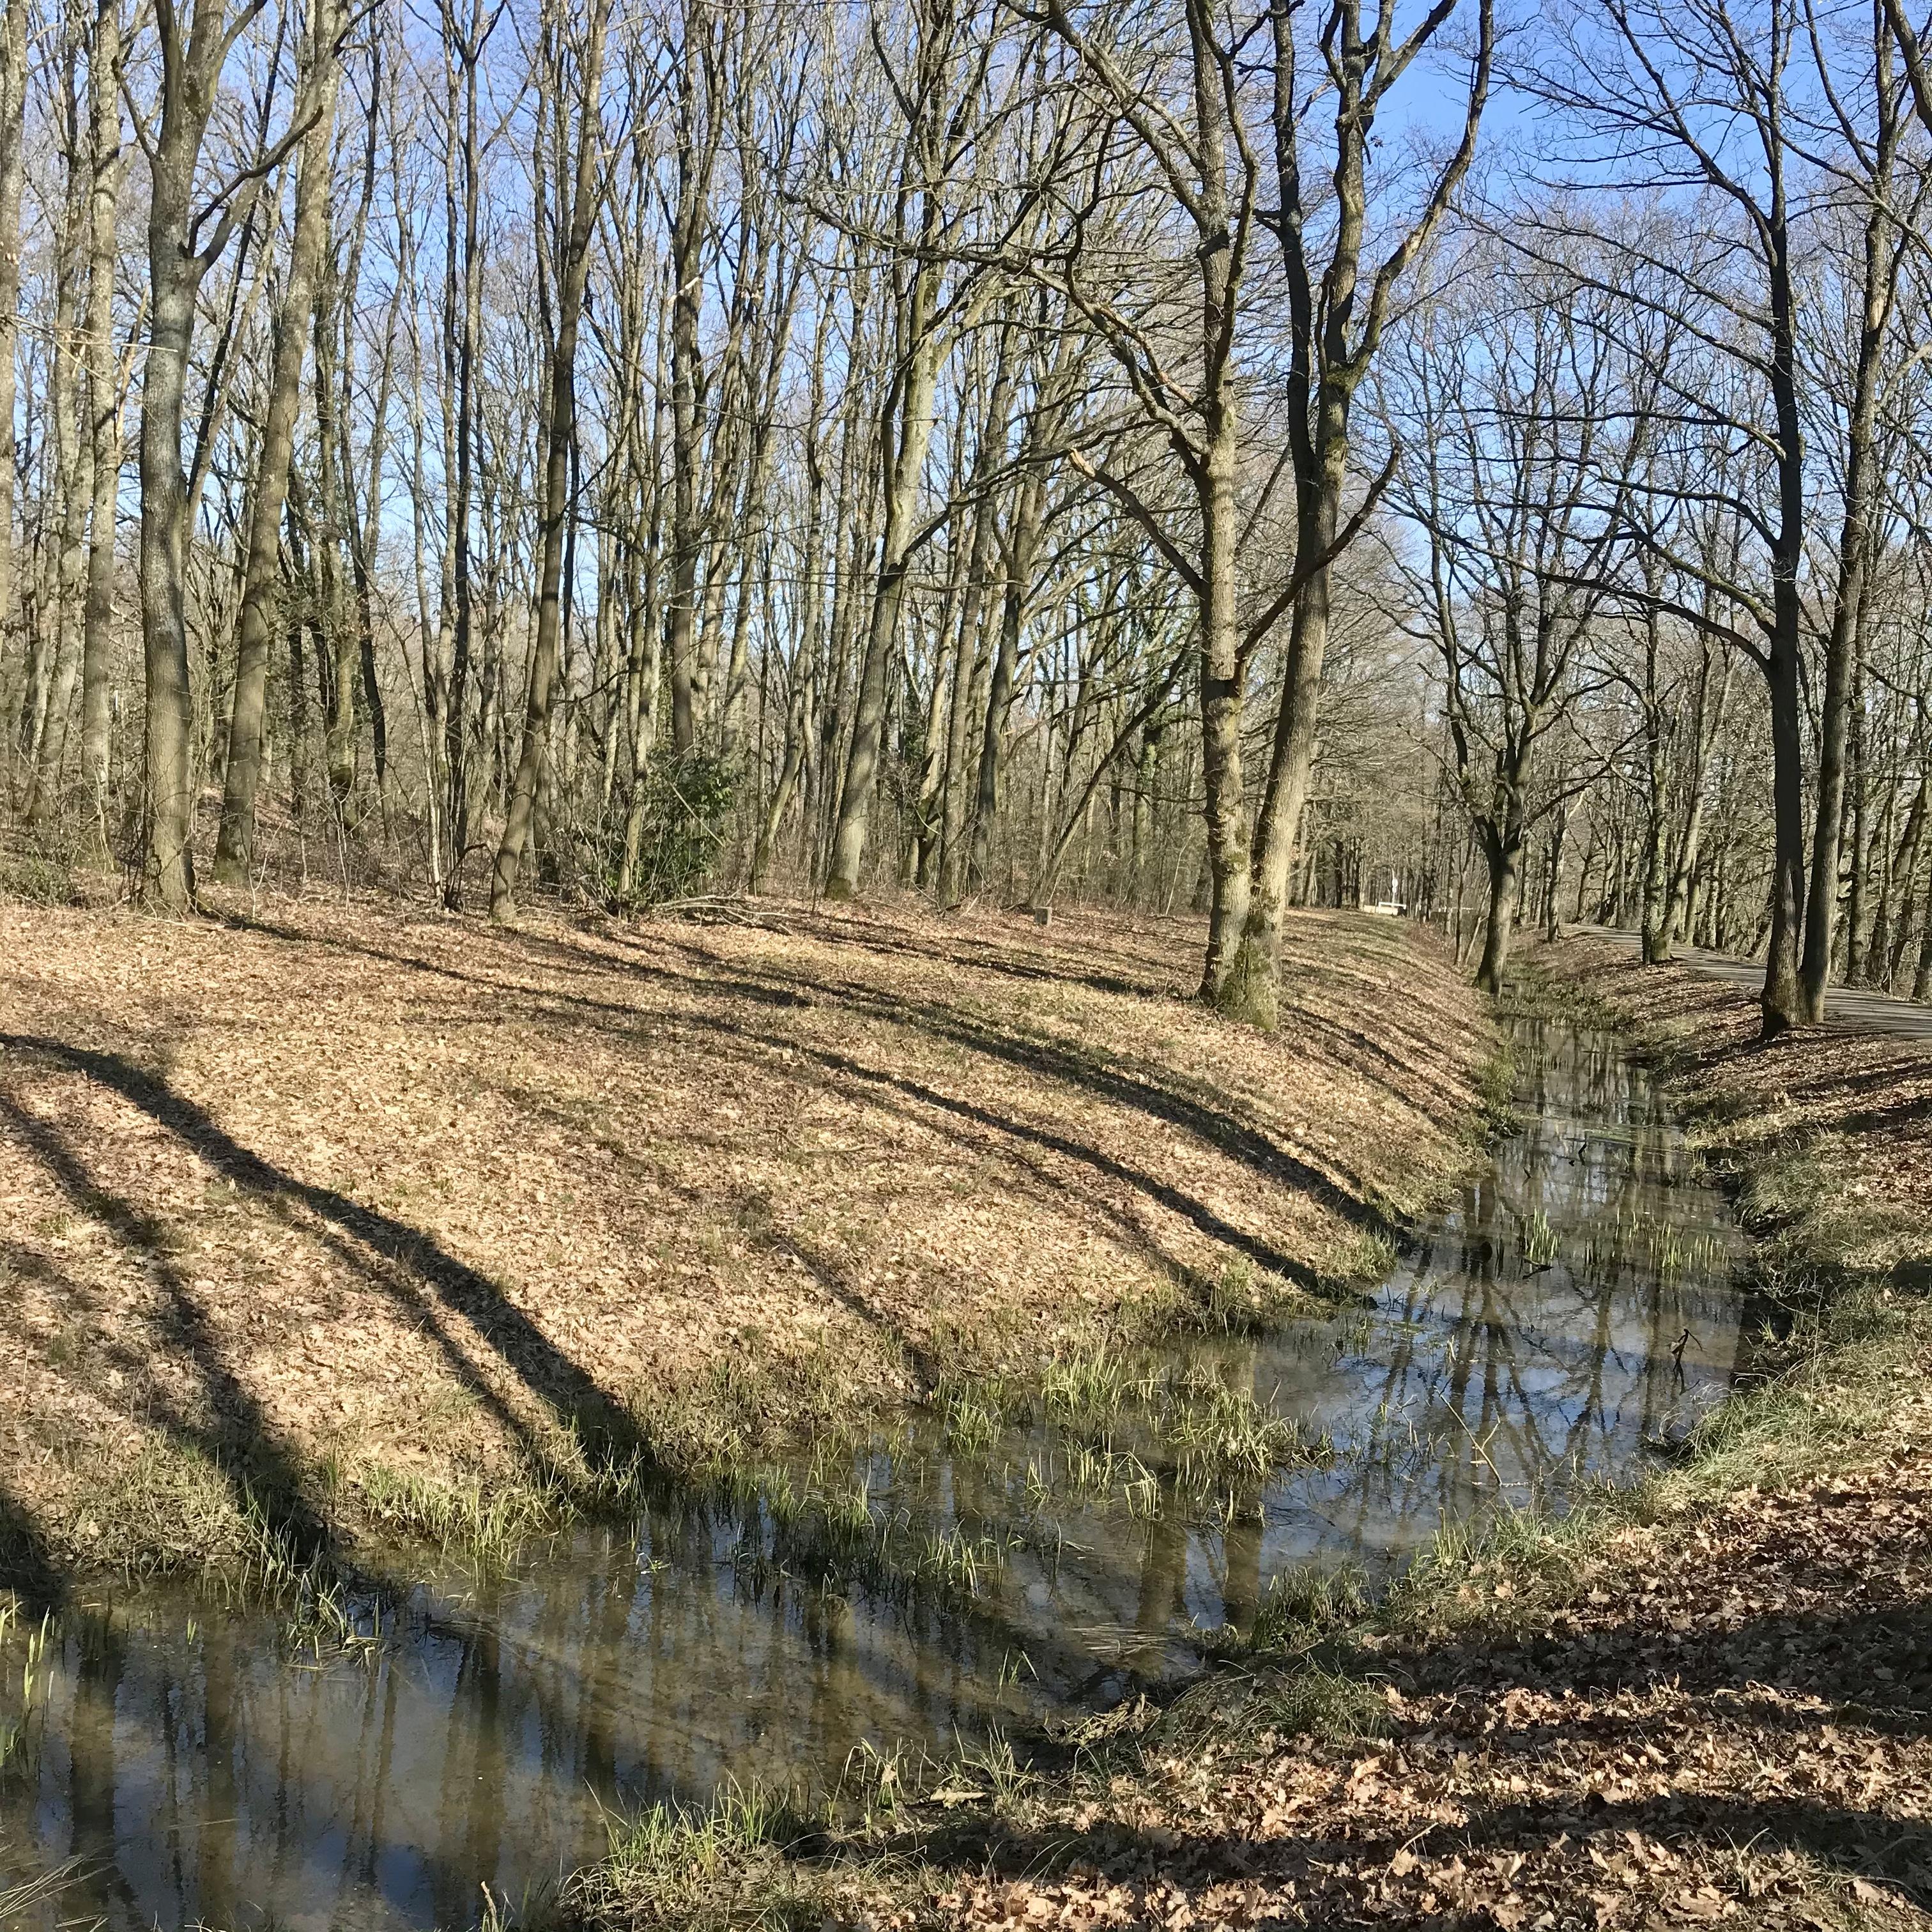 Rigole de Favreuse, Bois brûlé, à la lisière du Plateau de Saclay. Vianney Delourme pour Enlarge your Paris